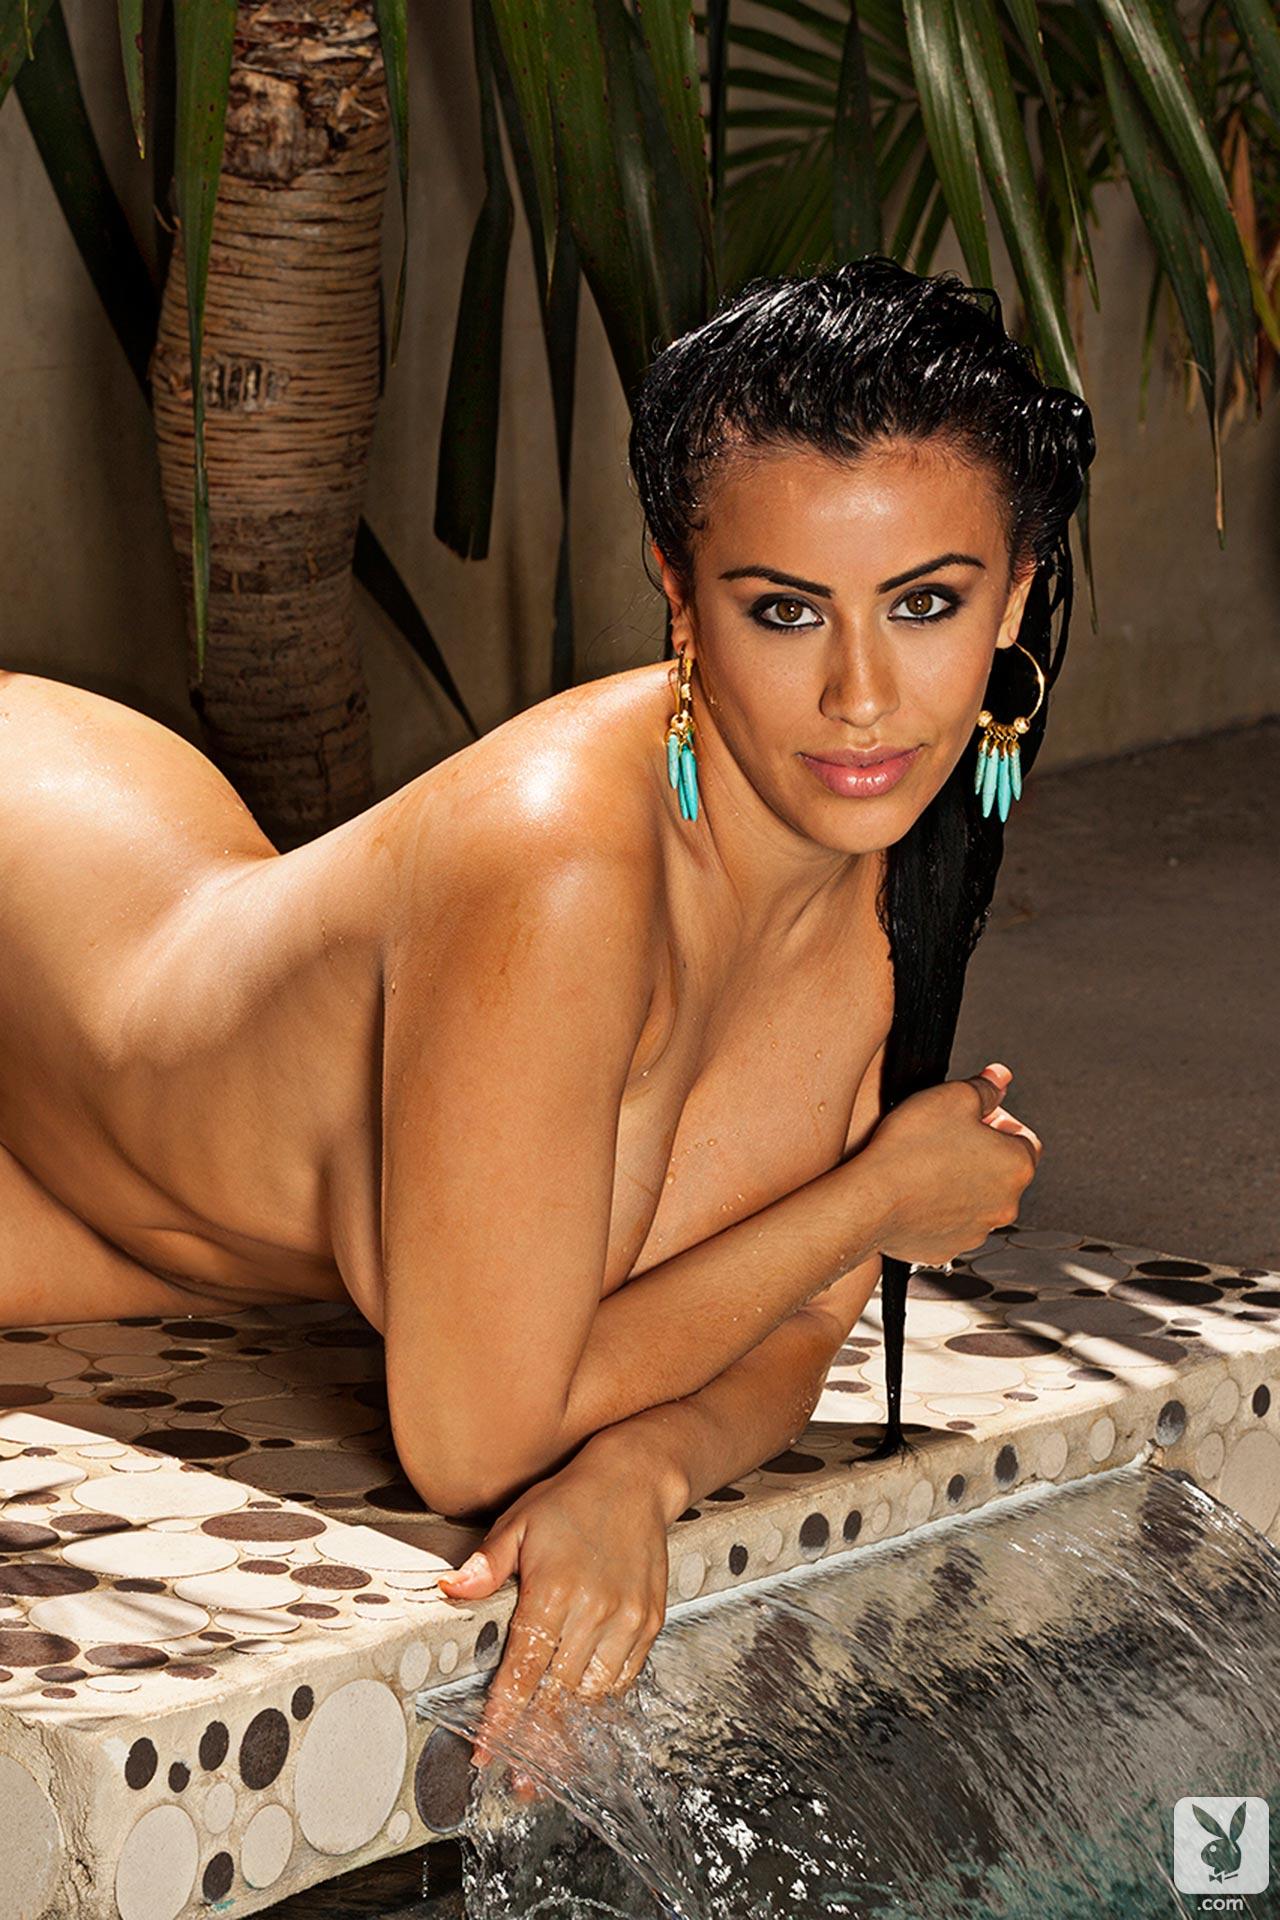 Latina bizarre nude #15